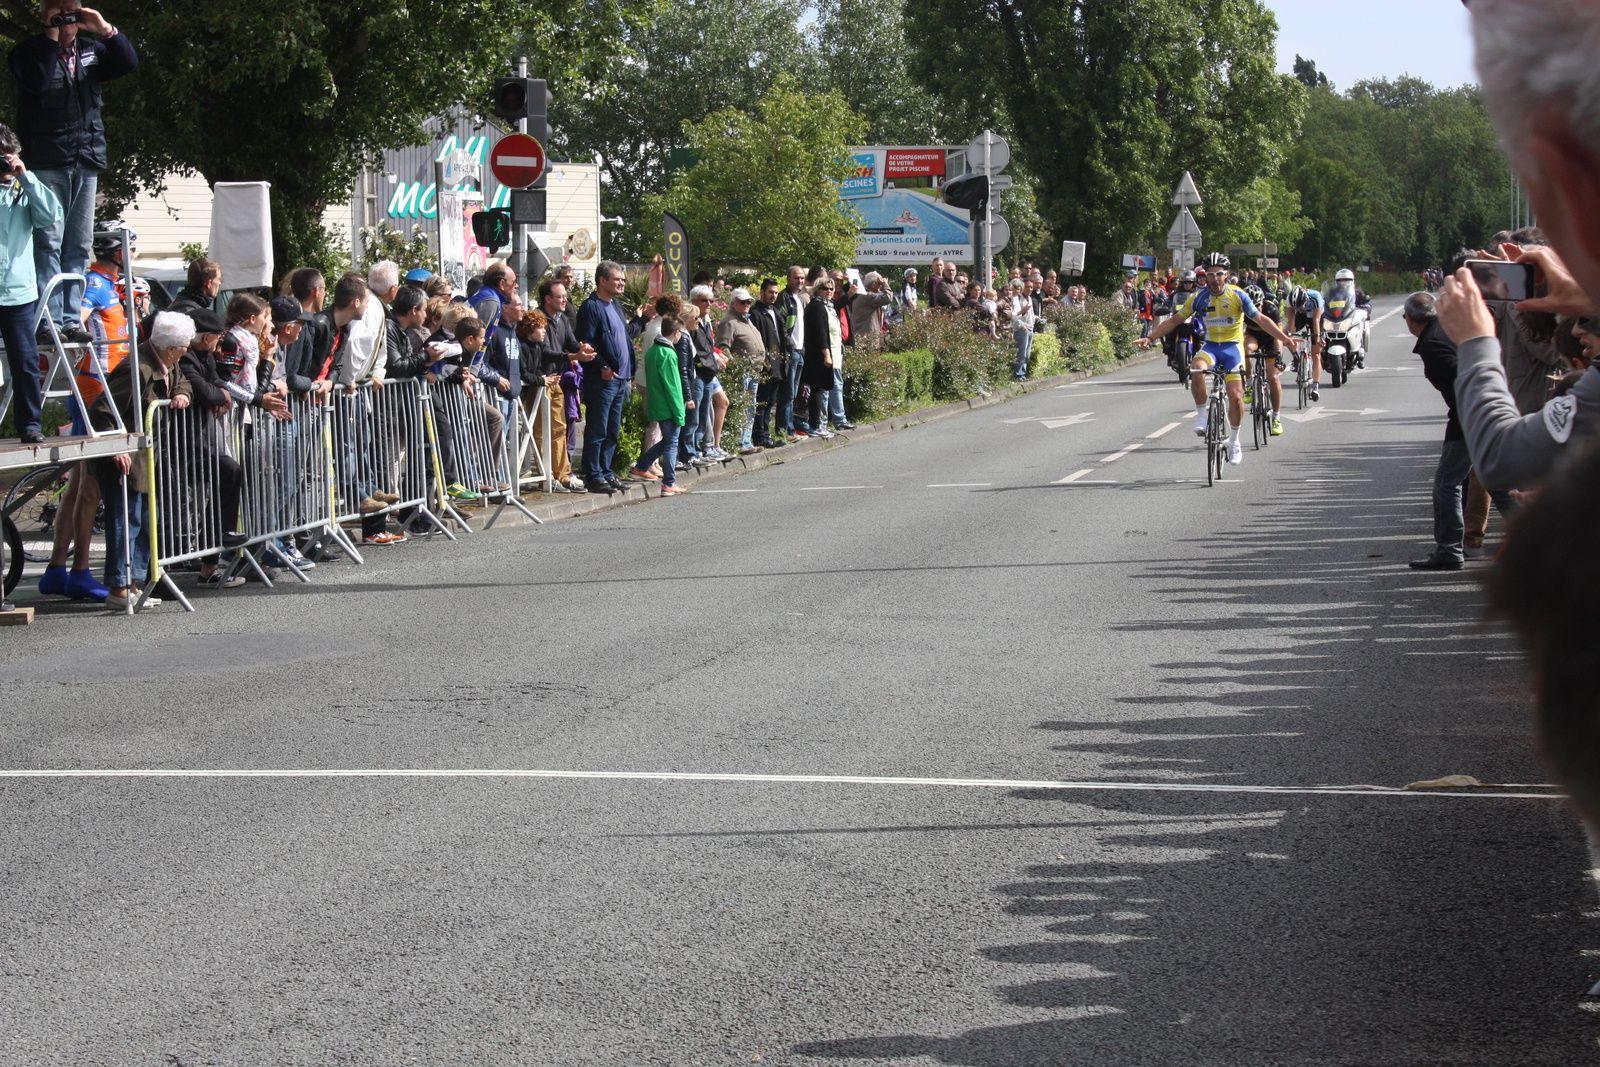 L'arrivée  au  sprint  des  3  hommes  de  tête  avec  la  victoire  du  coureur  de  Beaupréau  VS  ROTURIER , 2e  Julien  BELGY (Angouléme  VC), 3e Jean-Philippe  MAHEAU